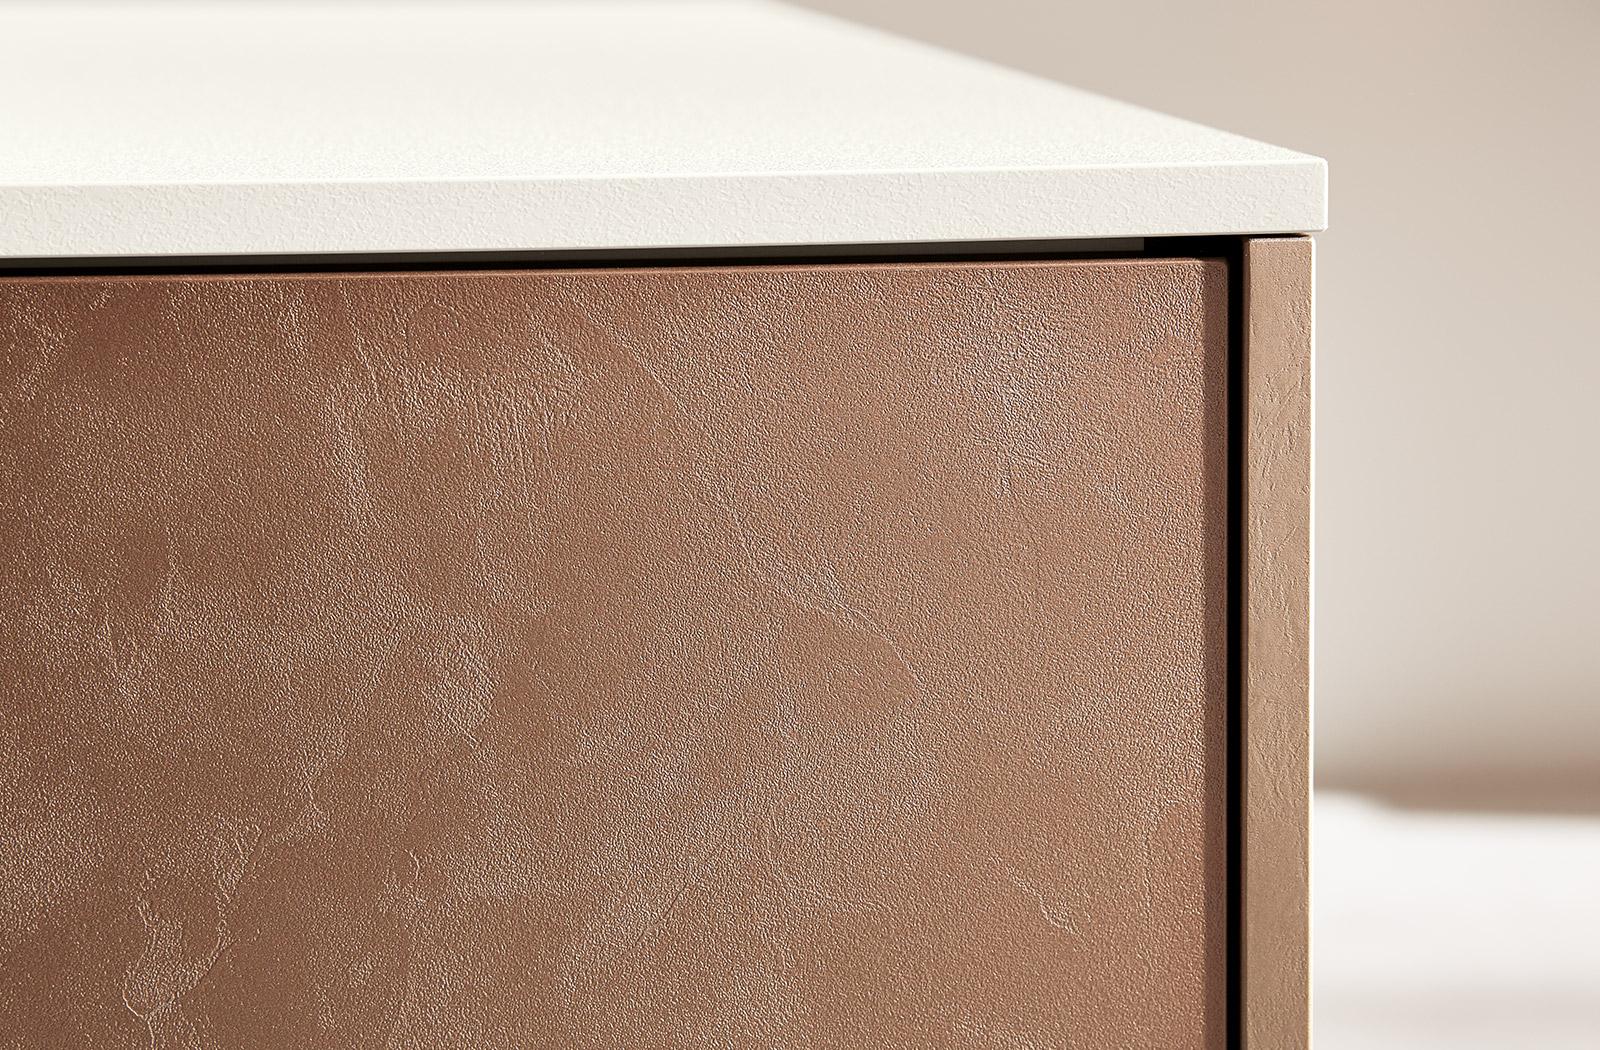 Meble kuchenne Bronze Metallic - fronty - oferta SAS Wnętrza i Kuchnie - Meble Kuchenne i Projektowanie wnętrz.